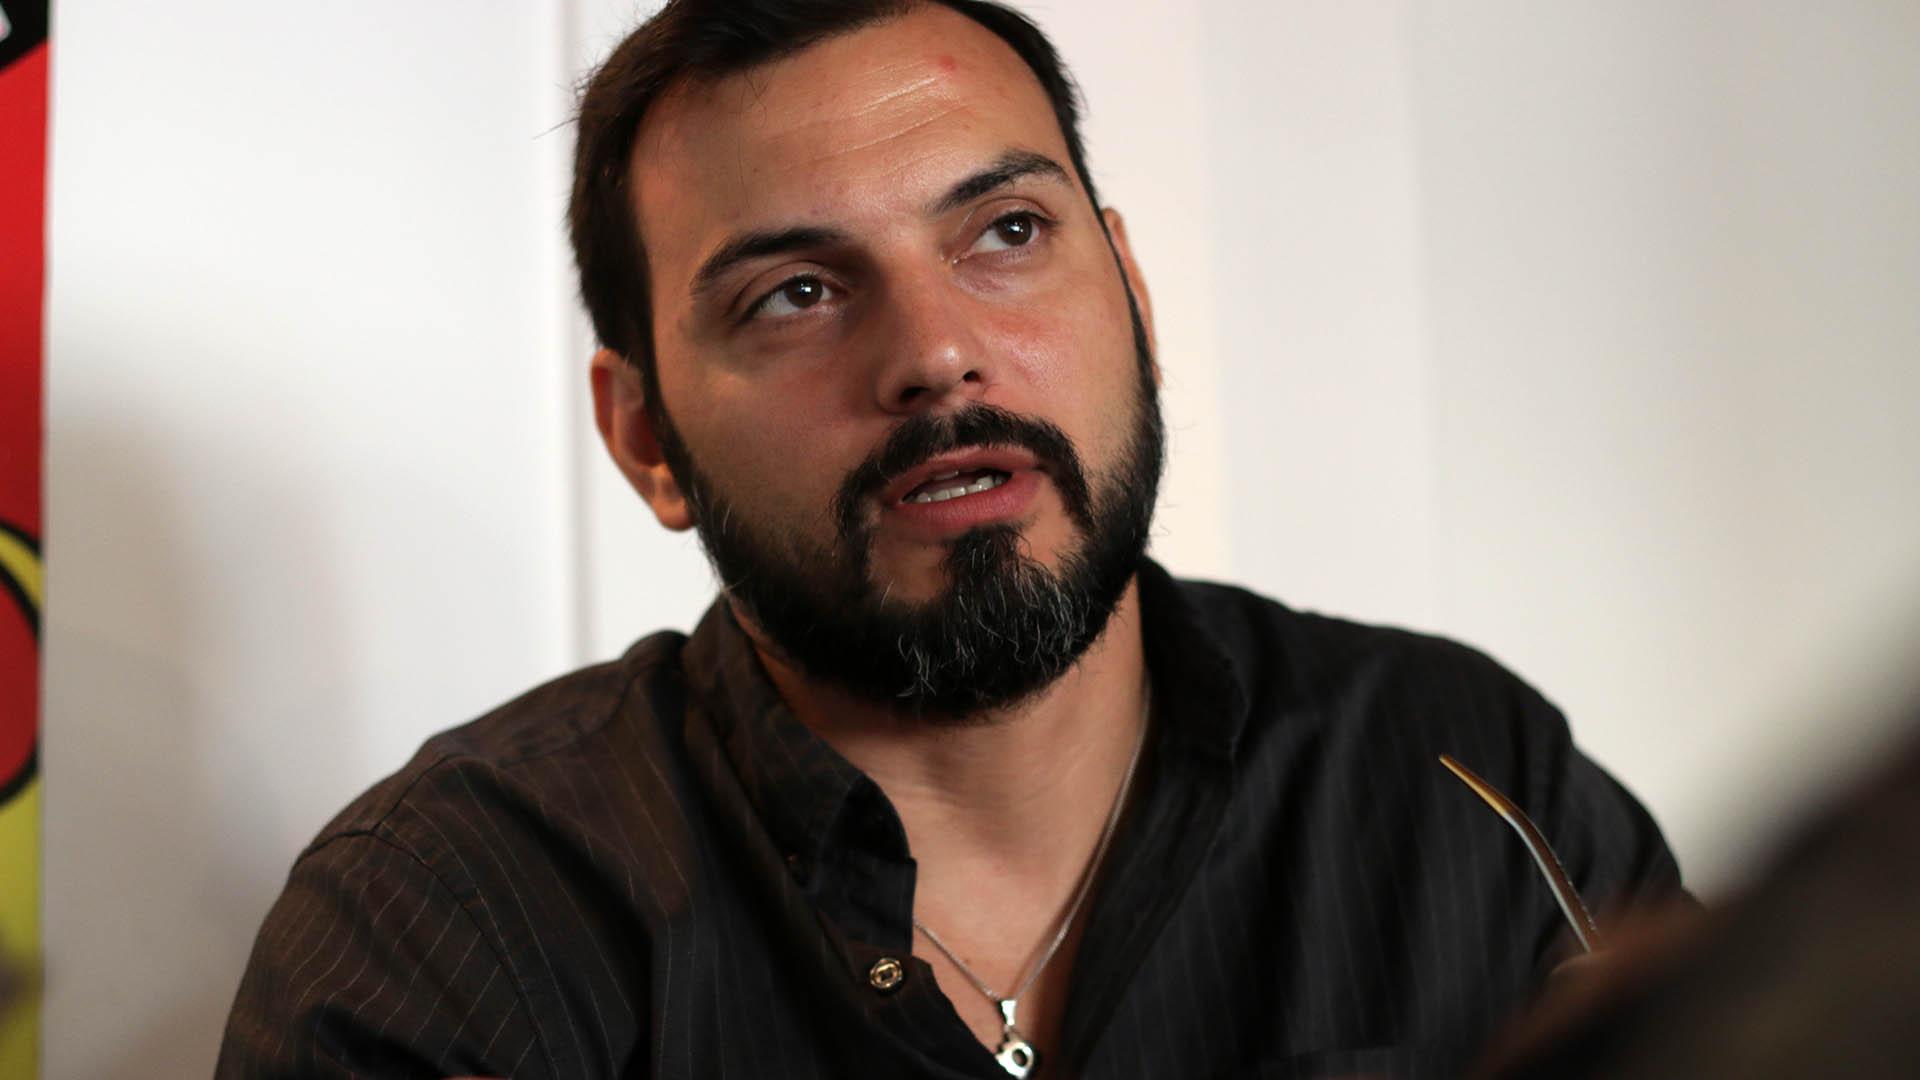 Emmanuel Álvarez Agis (Lihue Althabe)